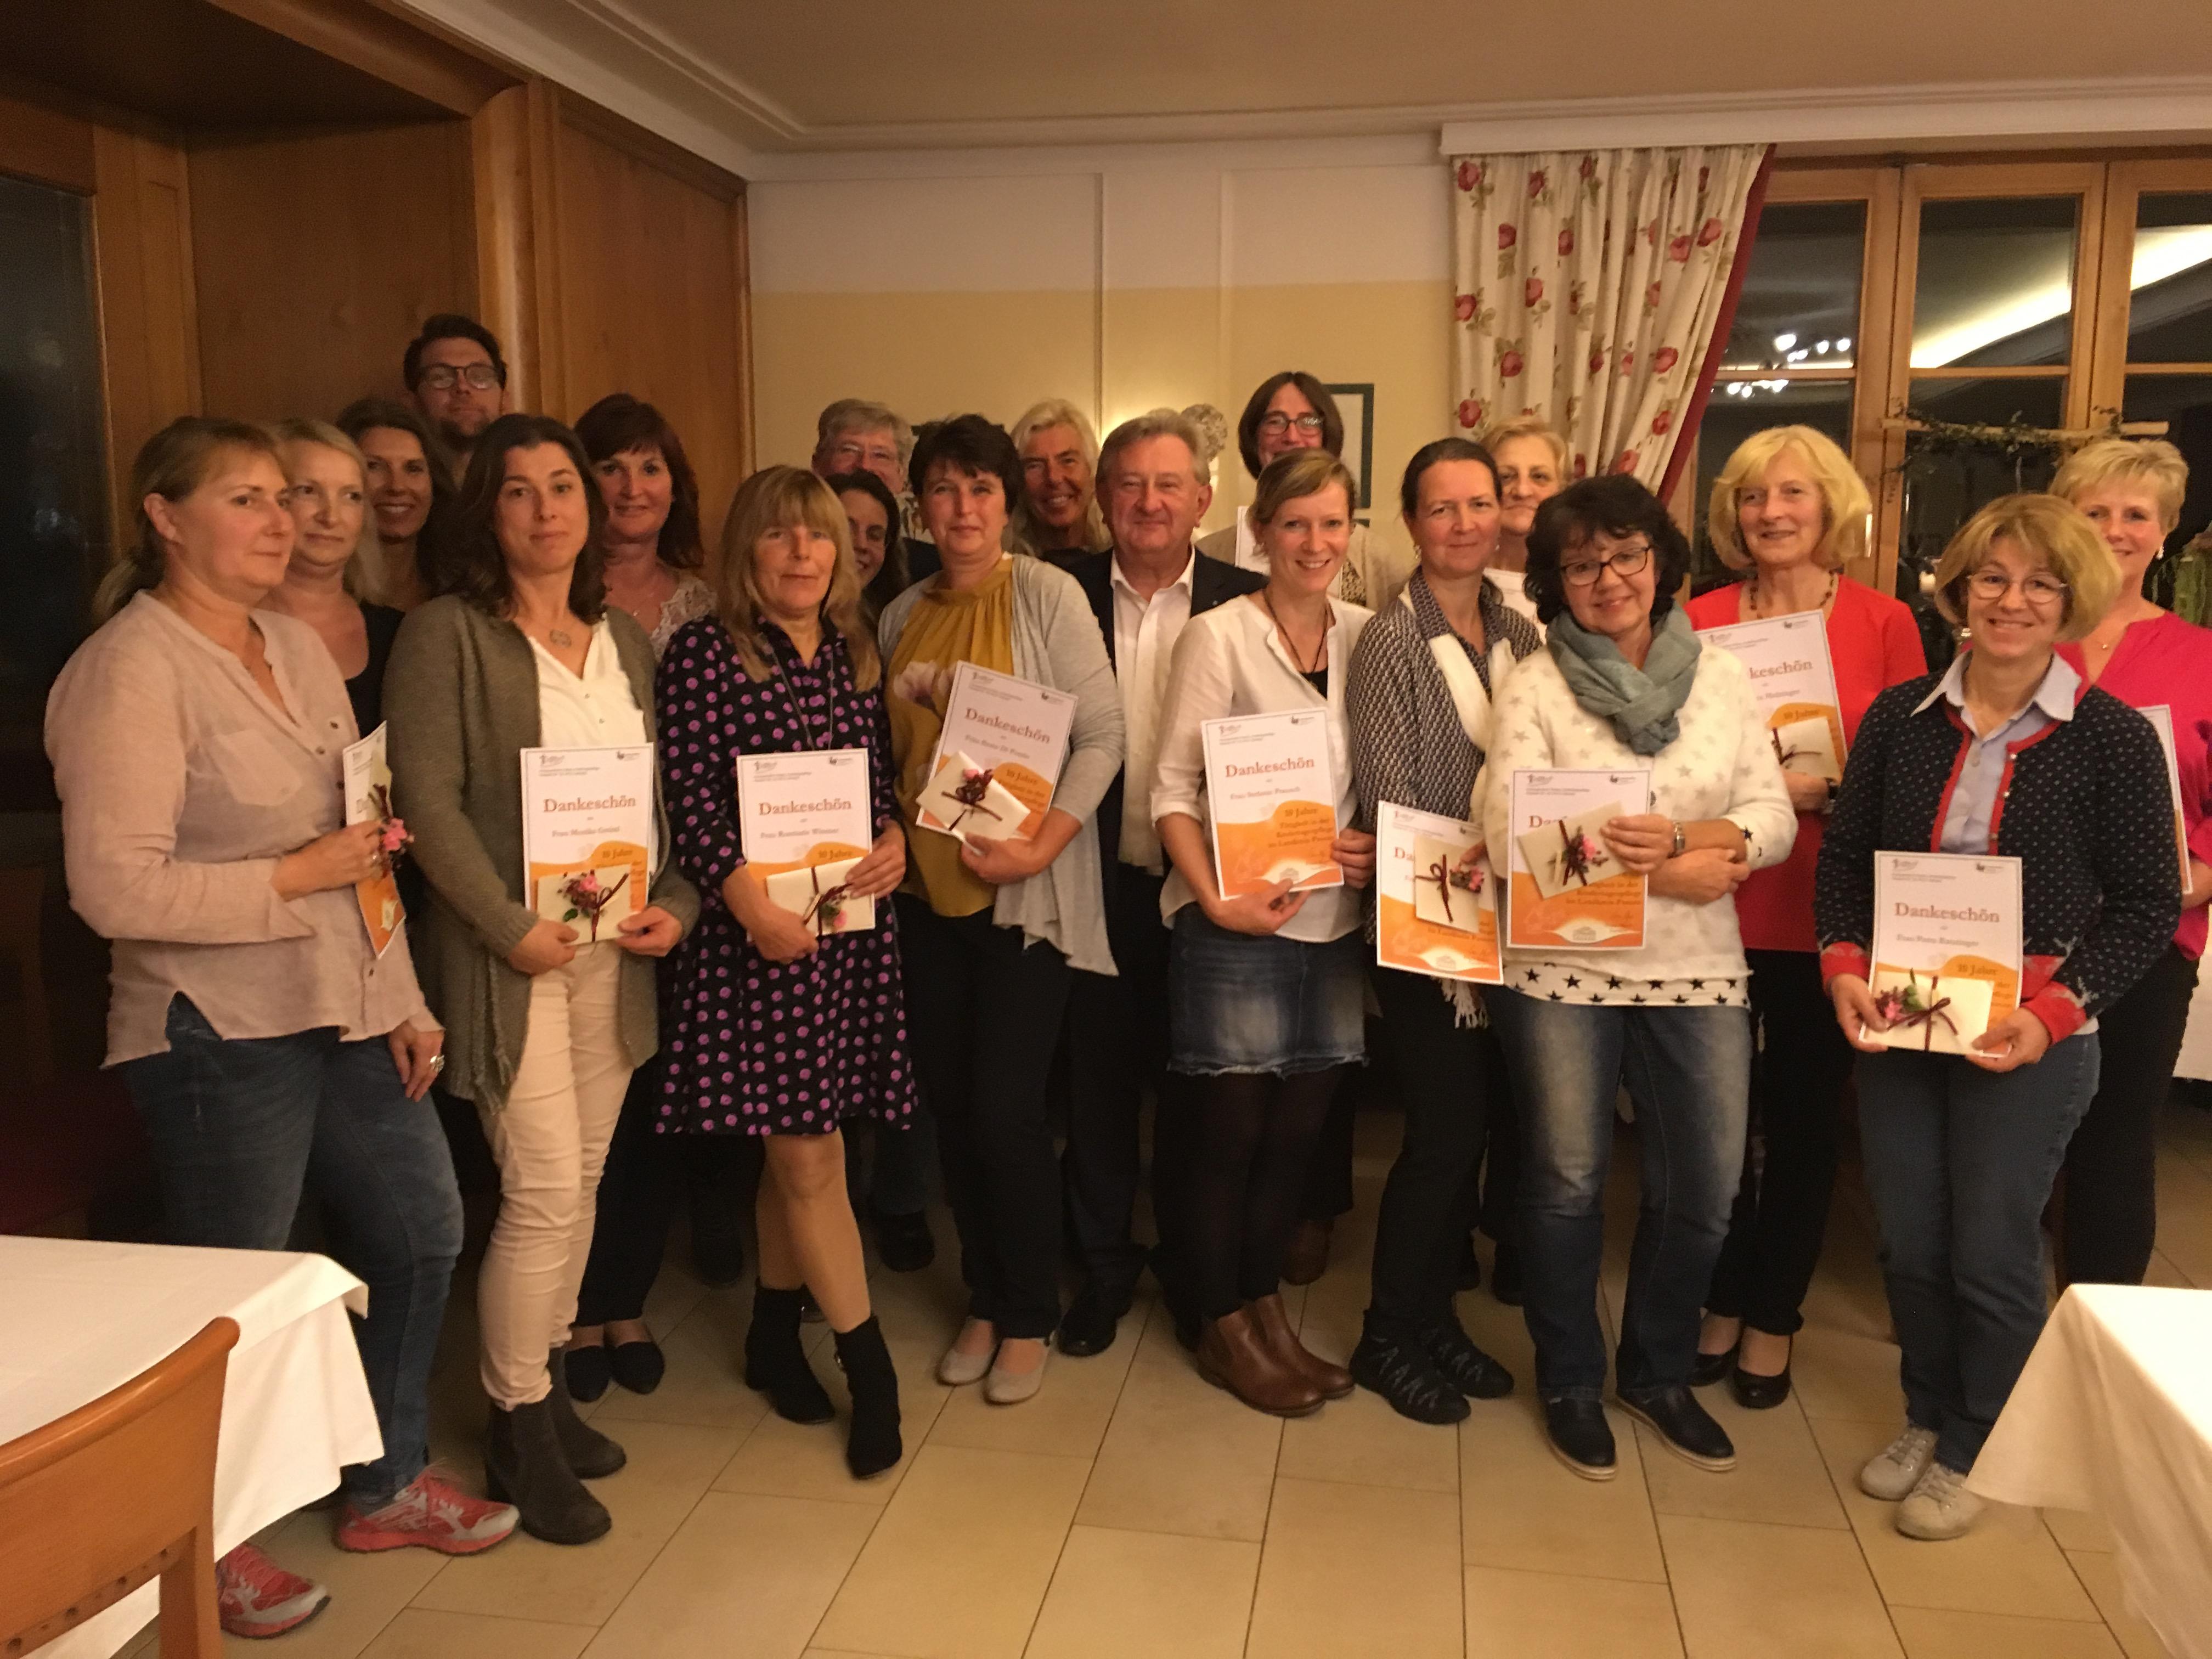 Anerkennung für die Tagespflegepersonen des Landkreises Passau durch den Landrat Franz Meyer